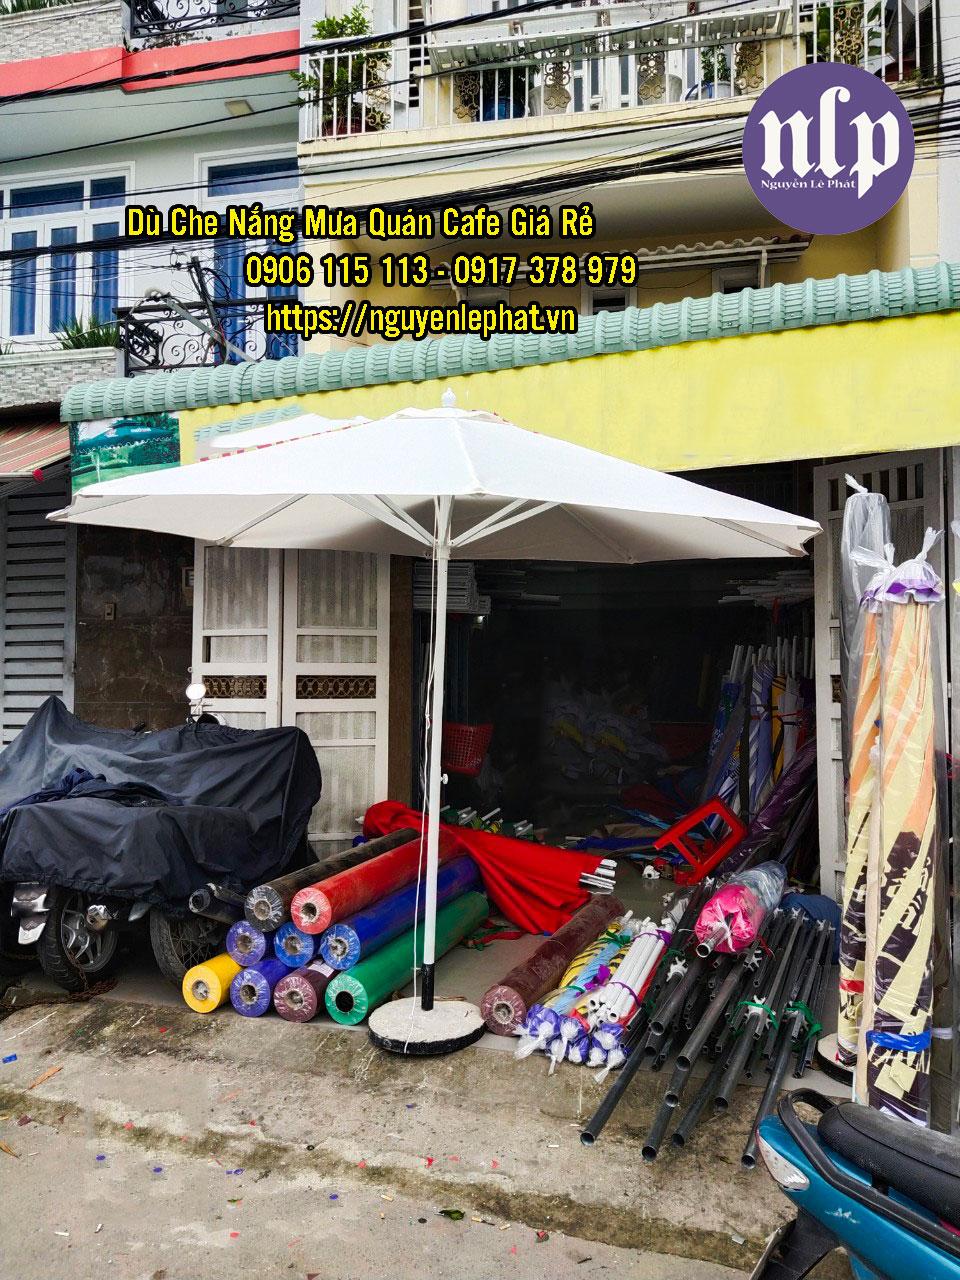 Mua bán dù che nắng mưa quán cafe ngoài trời tại Vũng Tàu